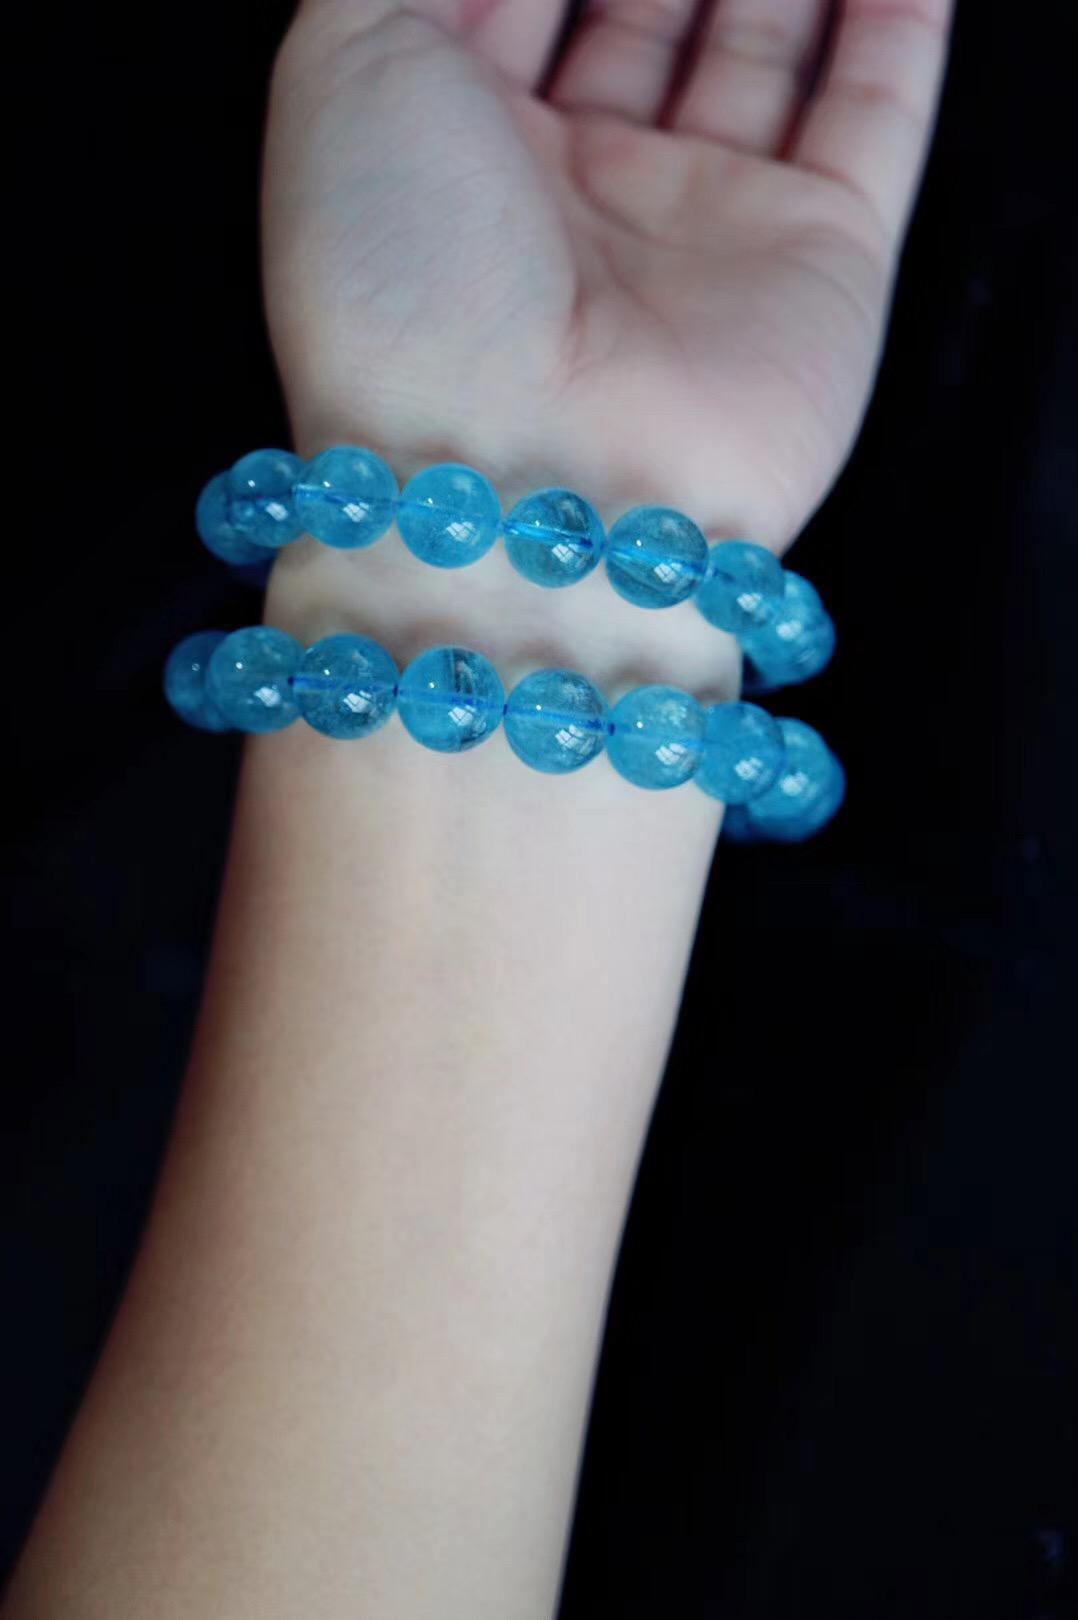 【海蓝宝】 一眼望去便是地中海式的湛蓝-菩心晶舍